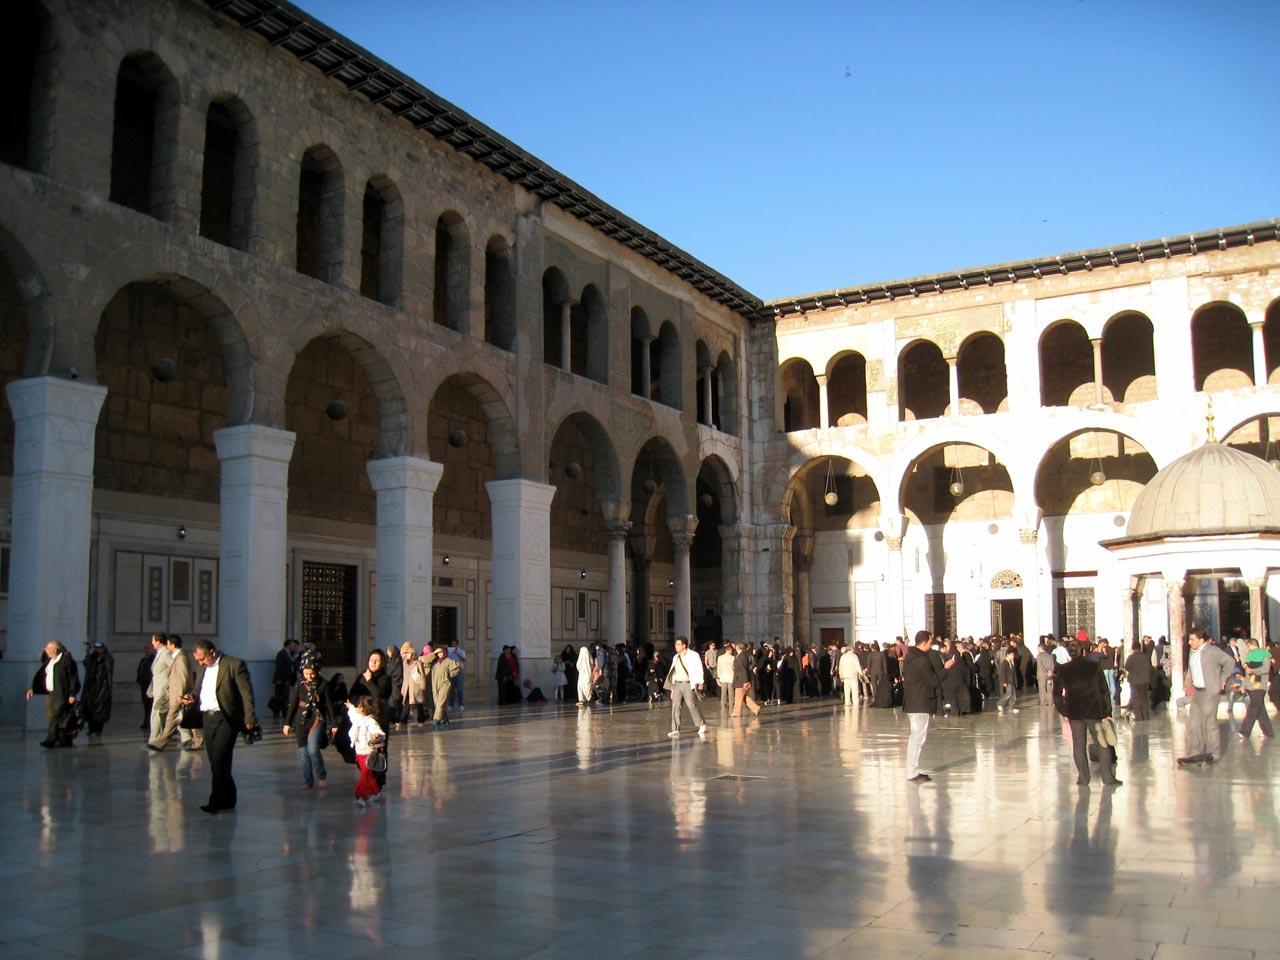 Umayyad Mosque courtyard. © Mark Lowey.